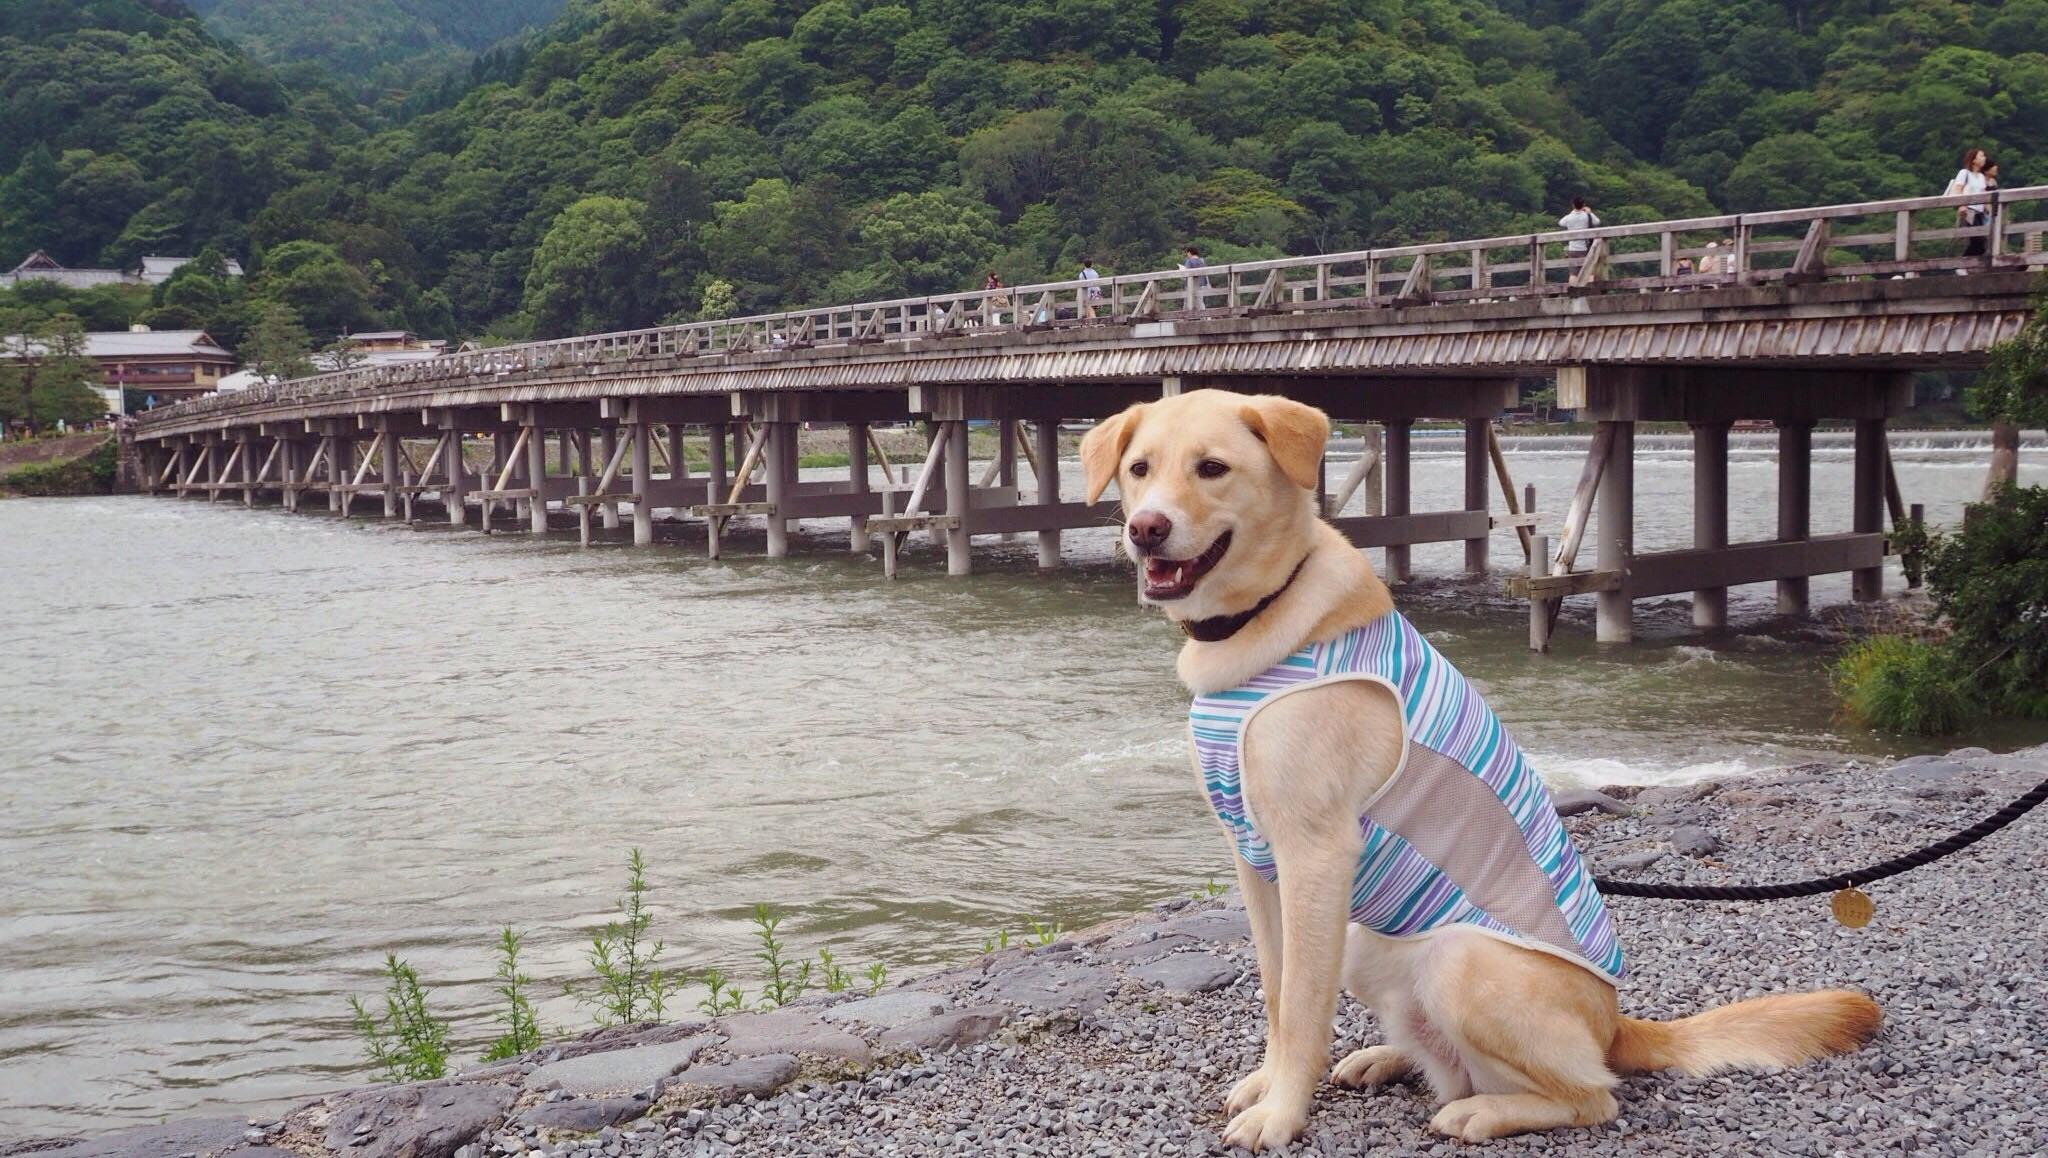 嵐山 大型犬 わんこ 京都旅行